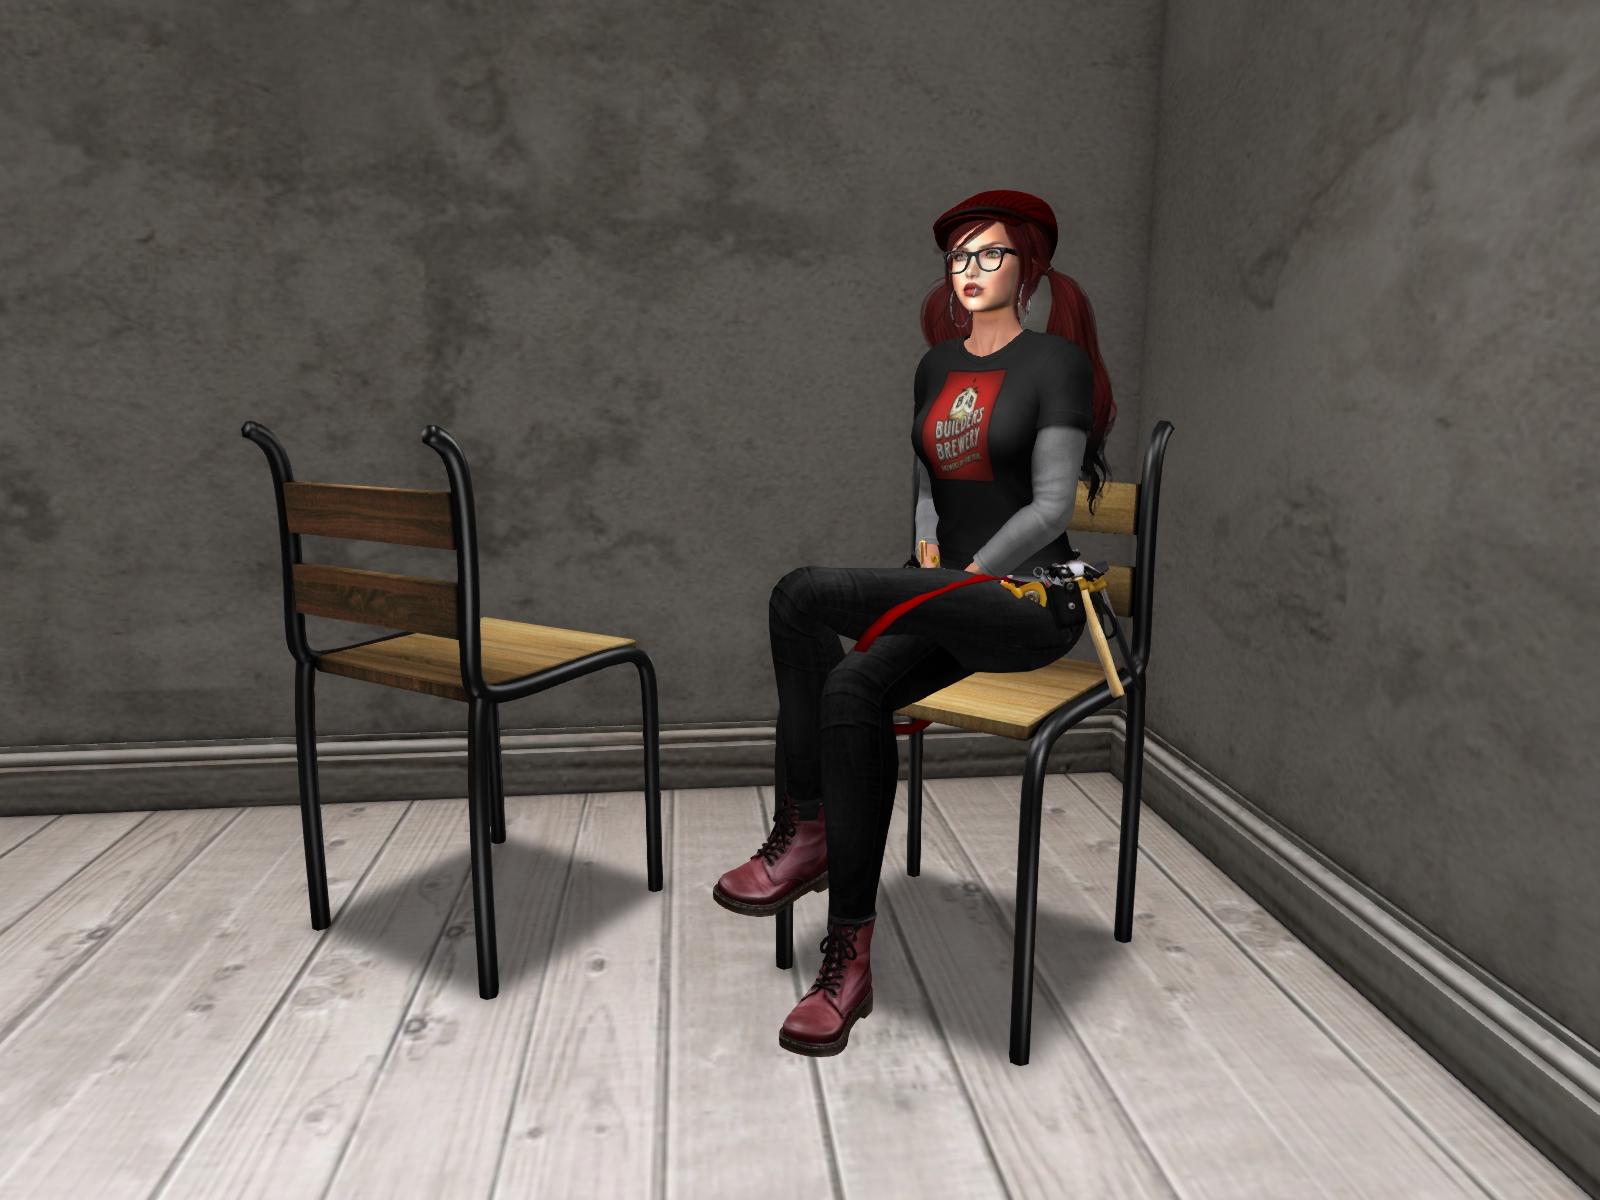 mesh_chair_18_2_adv_001  Harley Schylo